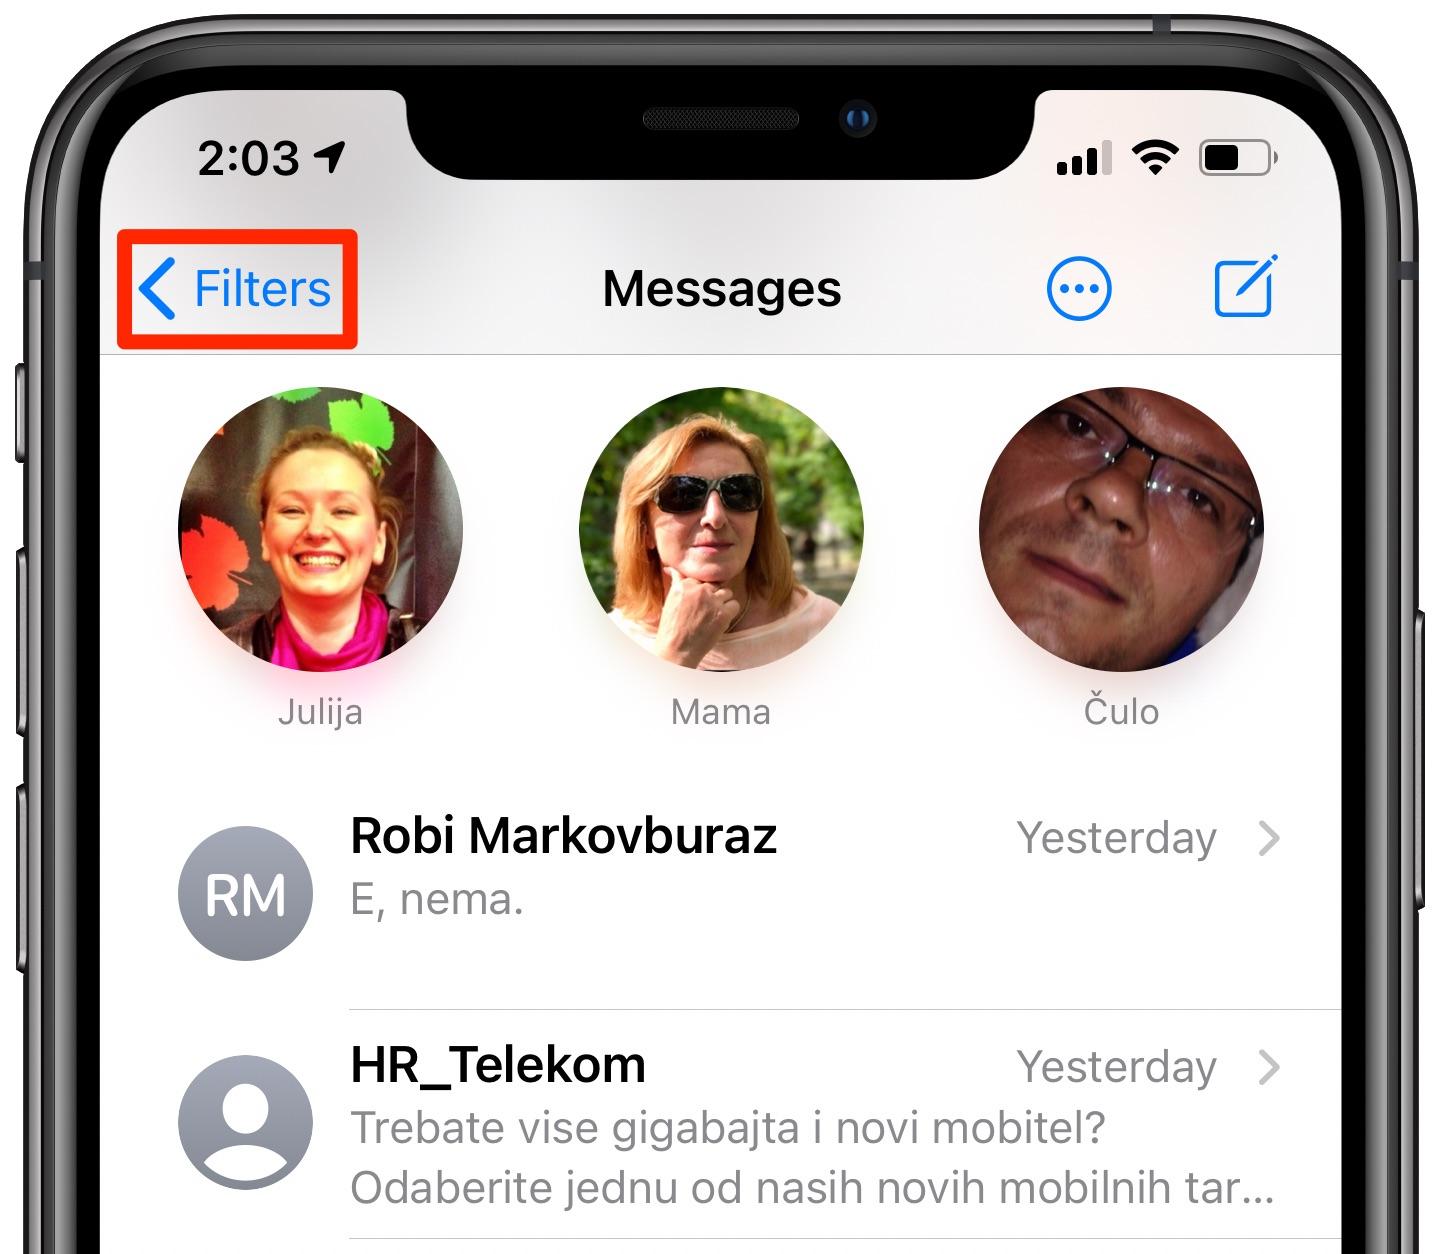 Filtrovanie správ v systéme iOS 14 - Tlačidlo Filtre